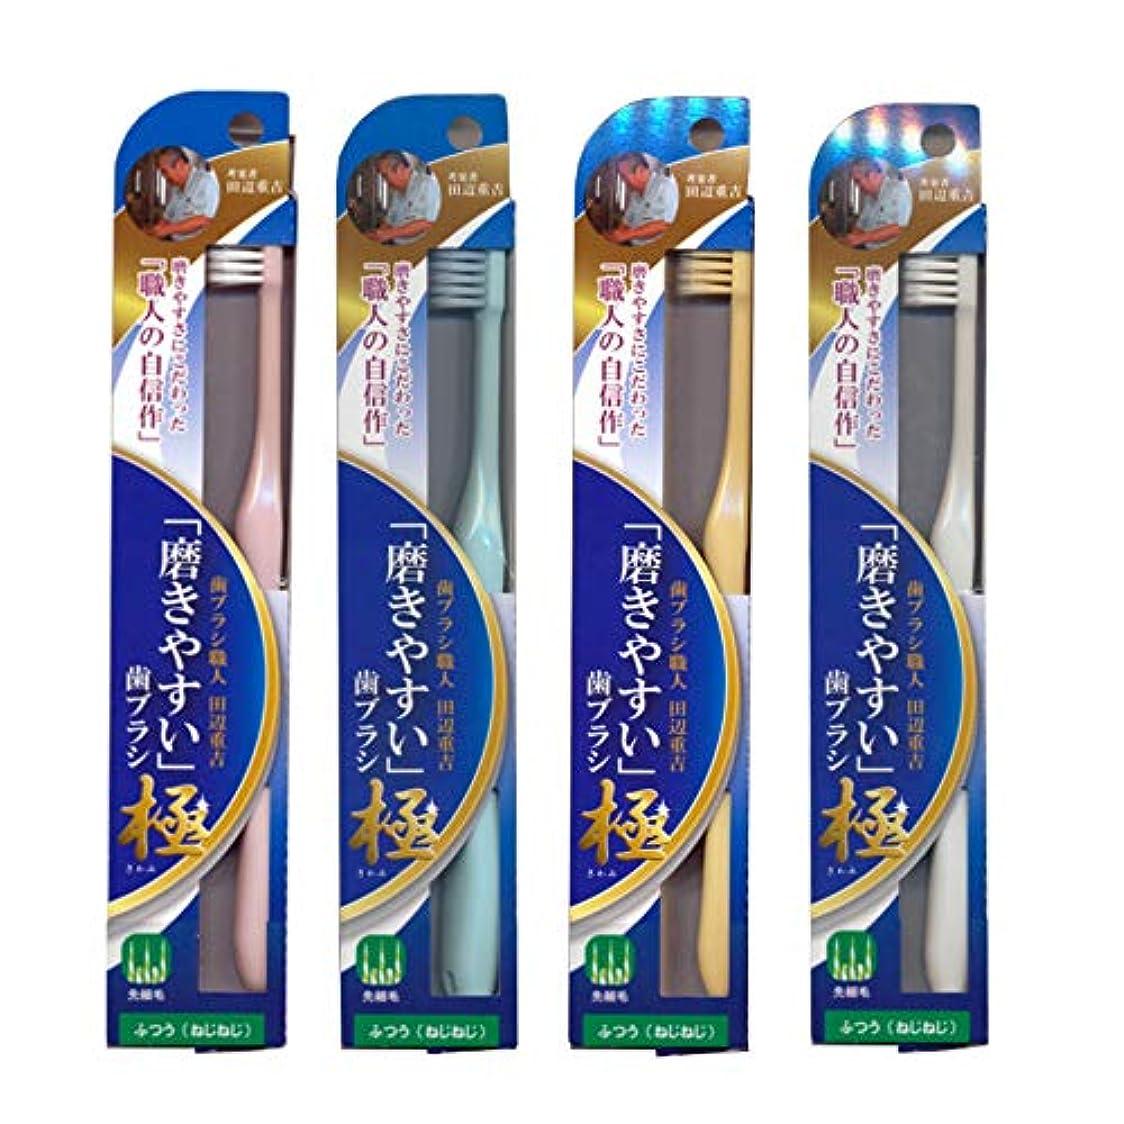 準拠教養がある困惑磨きやすい歯ブラシ極 (ふつう ねじねじ) LT-45×12本セット(ピンク×3、ブルー×3、ホワイト×3、イエロー×3) 先細毛